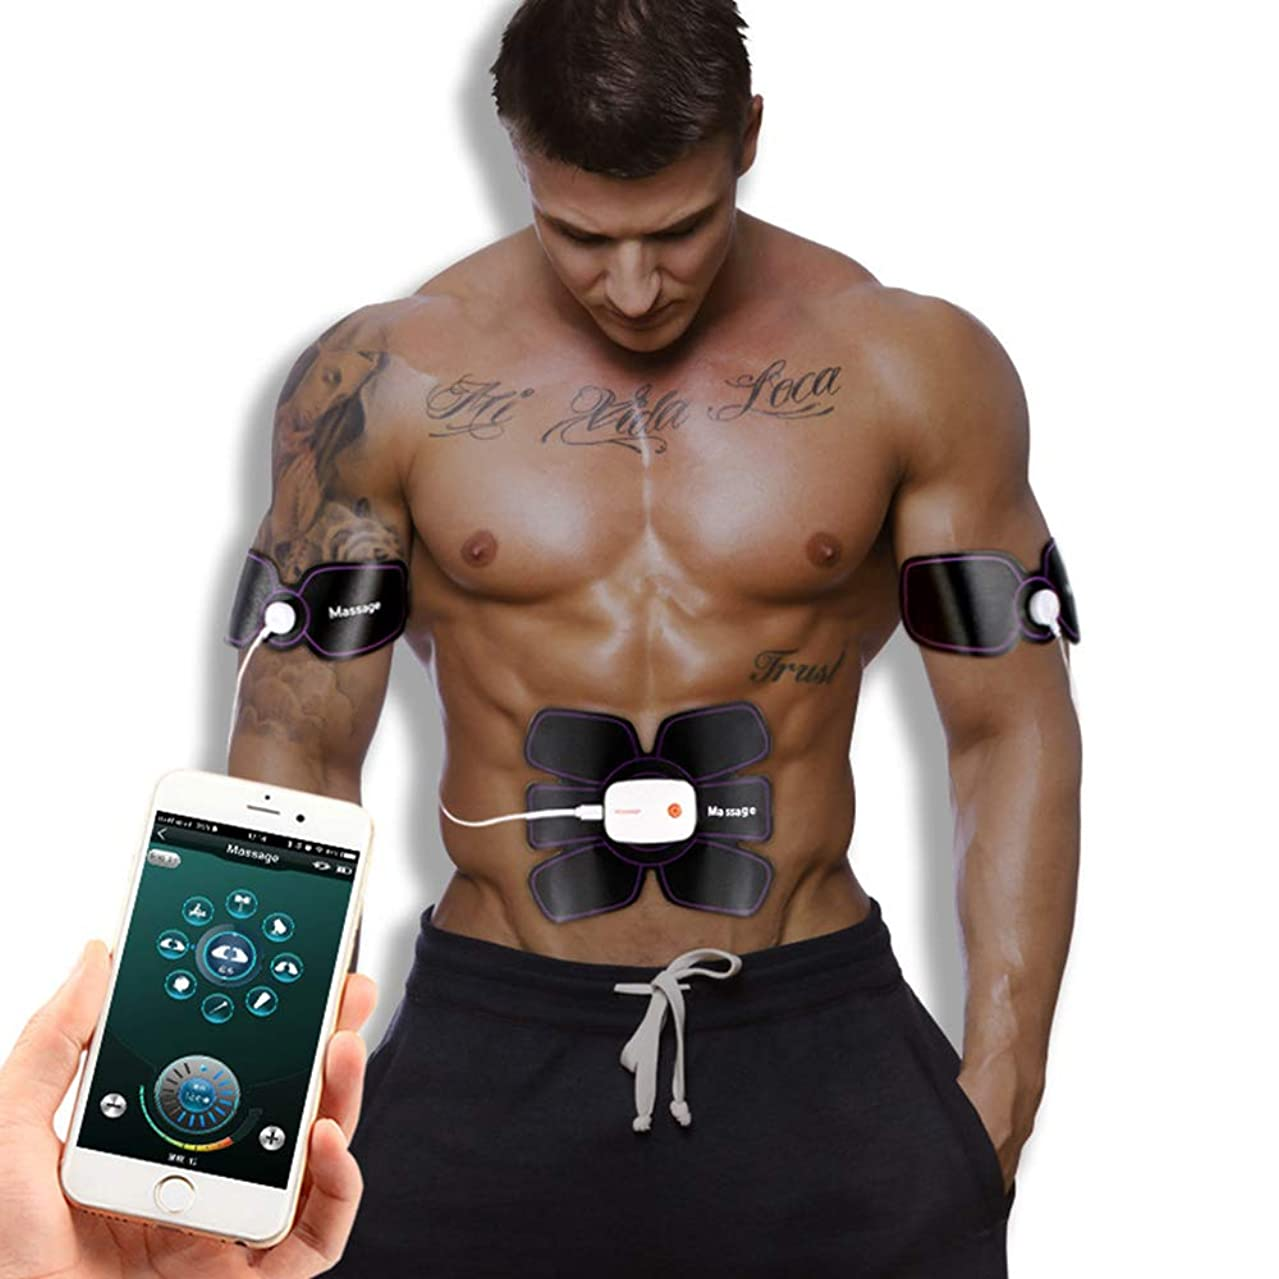 カートンミシンナイロンスマートフォンブルートゥースAPP腹部ステッカーEMS筋肉刺激装置USB電気体重減少運動フィットネスマッサージャーユニセックスに適用IOSとAndroidシステム